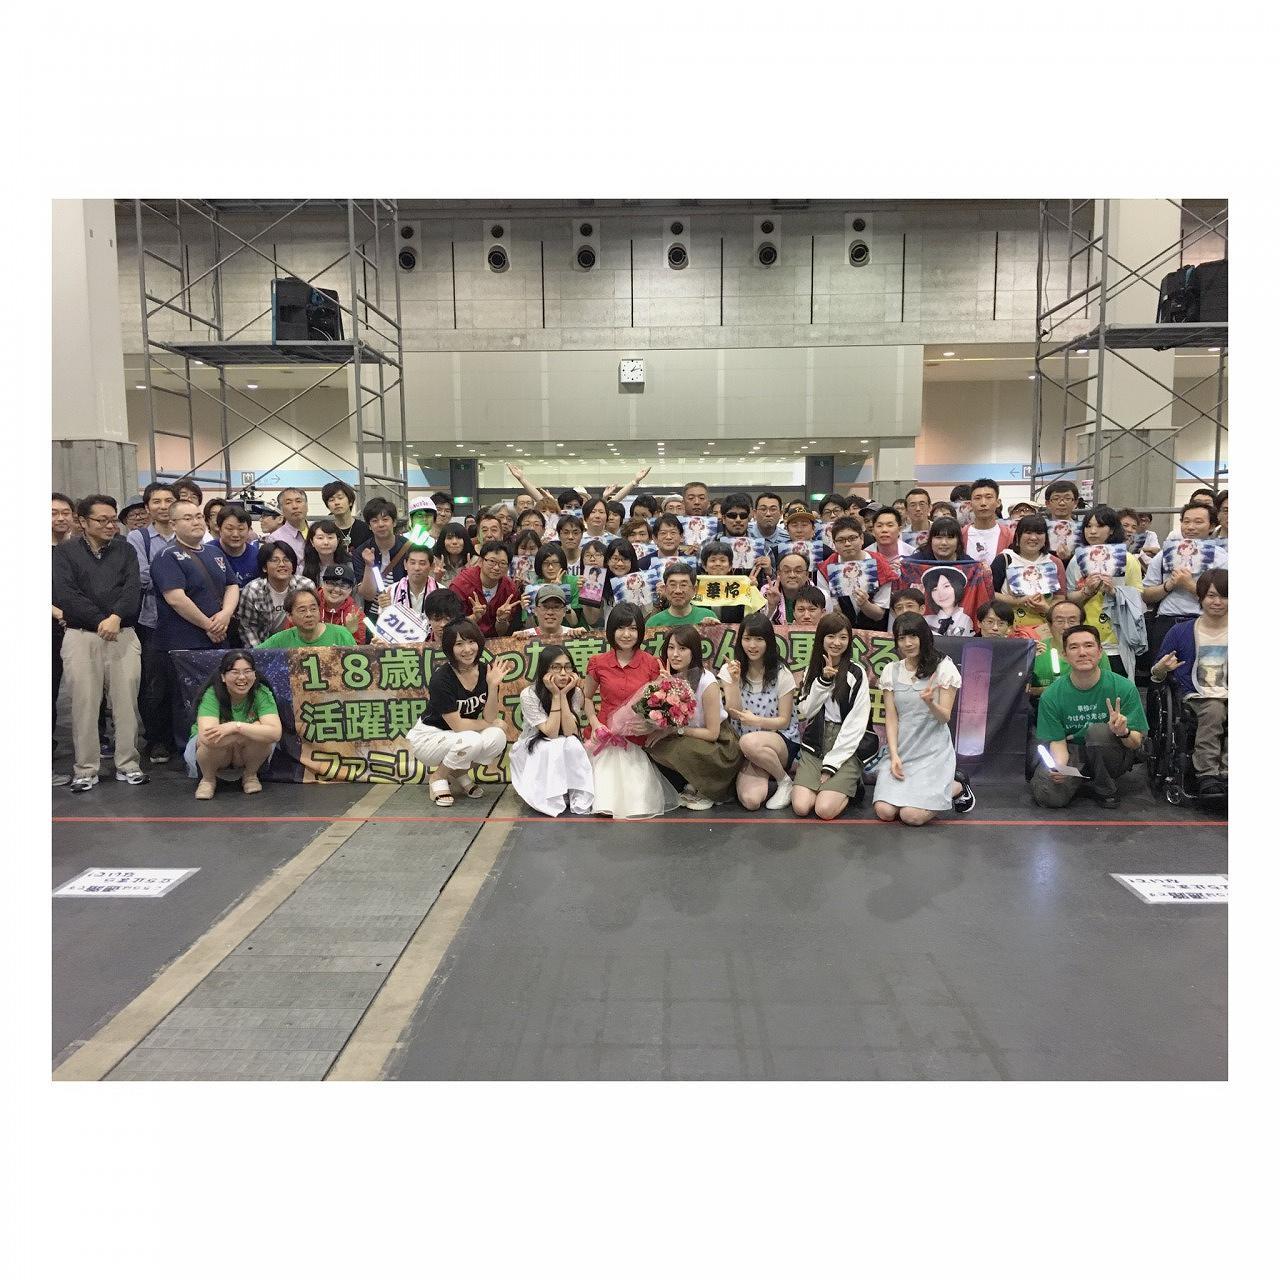 AKB48メンバーとファンの集合写真でがっつりしゃがみパンチラしてる女ファン